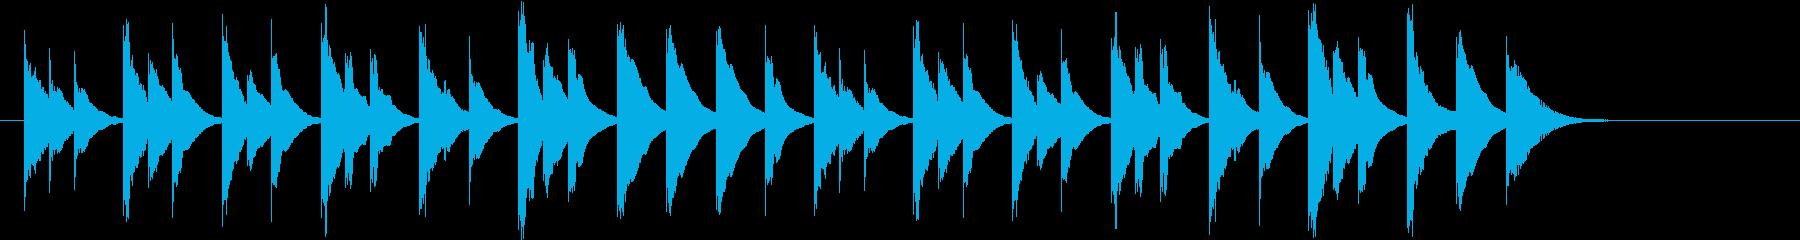 木琴がメインのほのぼのとしたジングルの再生済みの波形